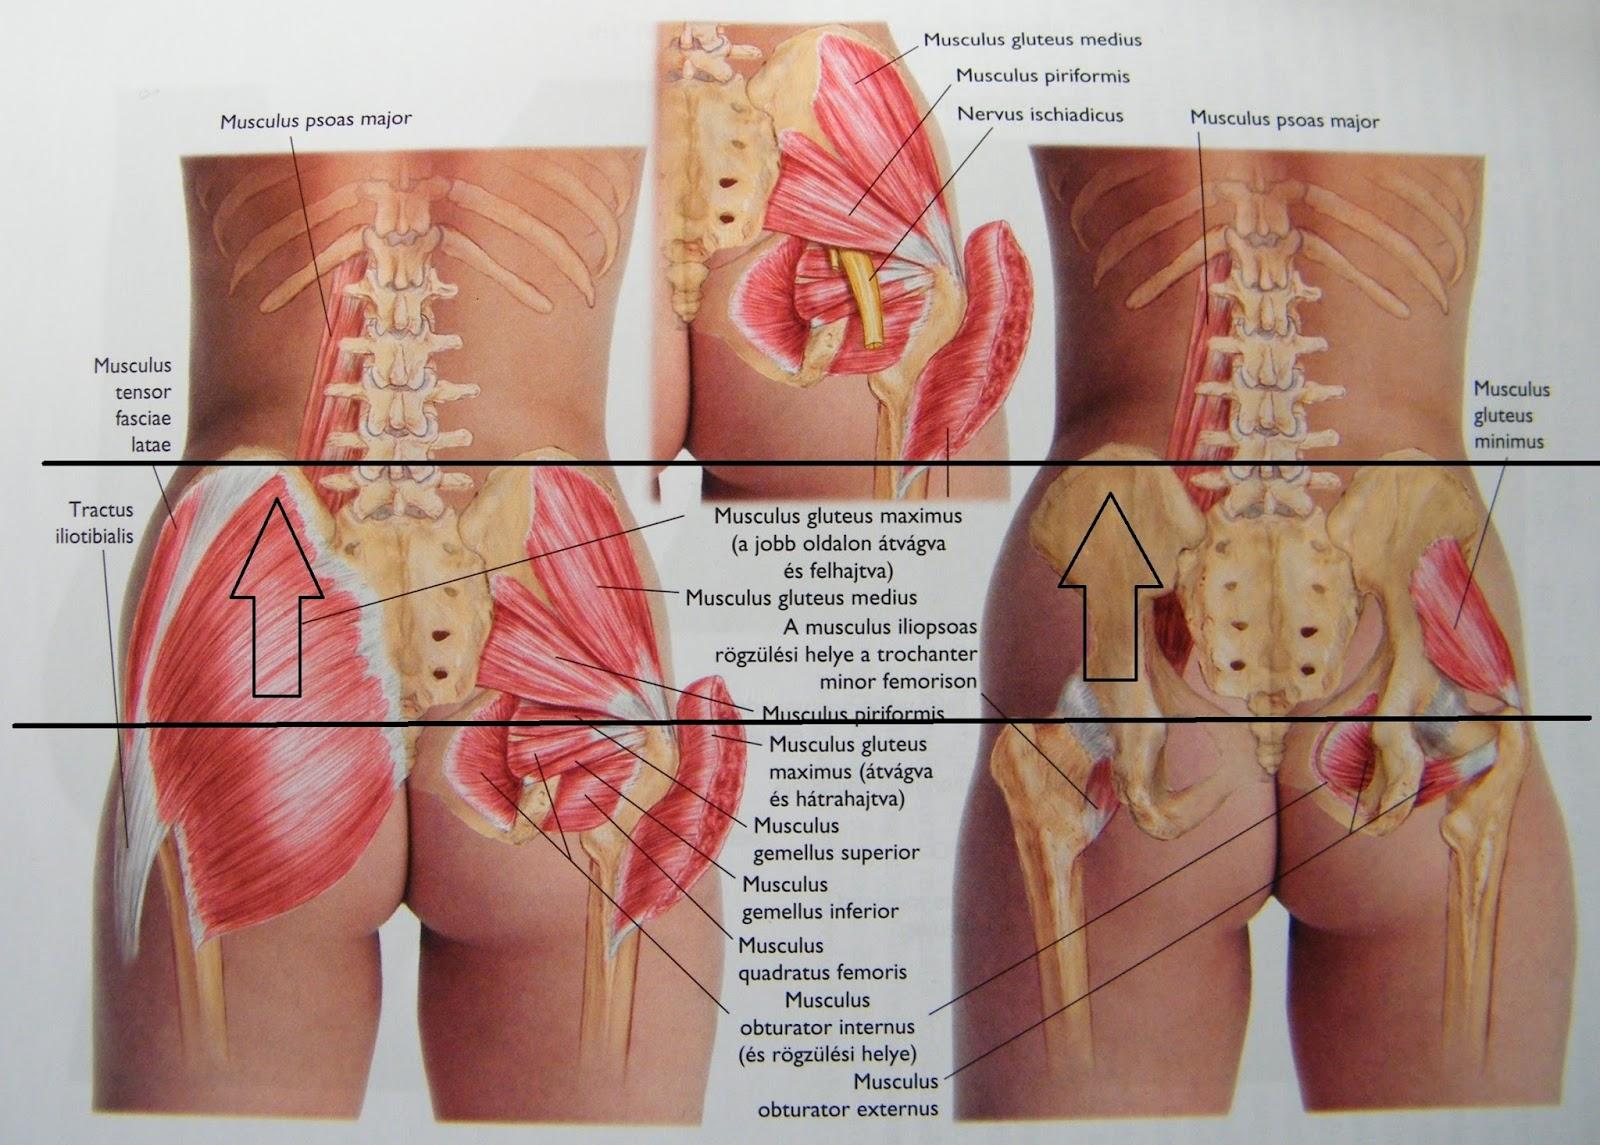 csípőizom fájdalom ha fáj a vállízületek, mit kell tenni